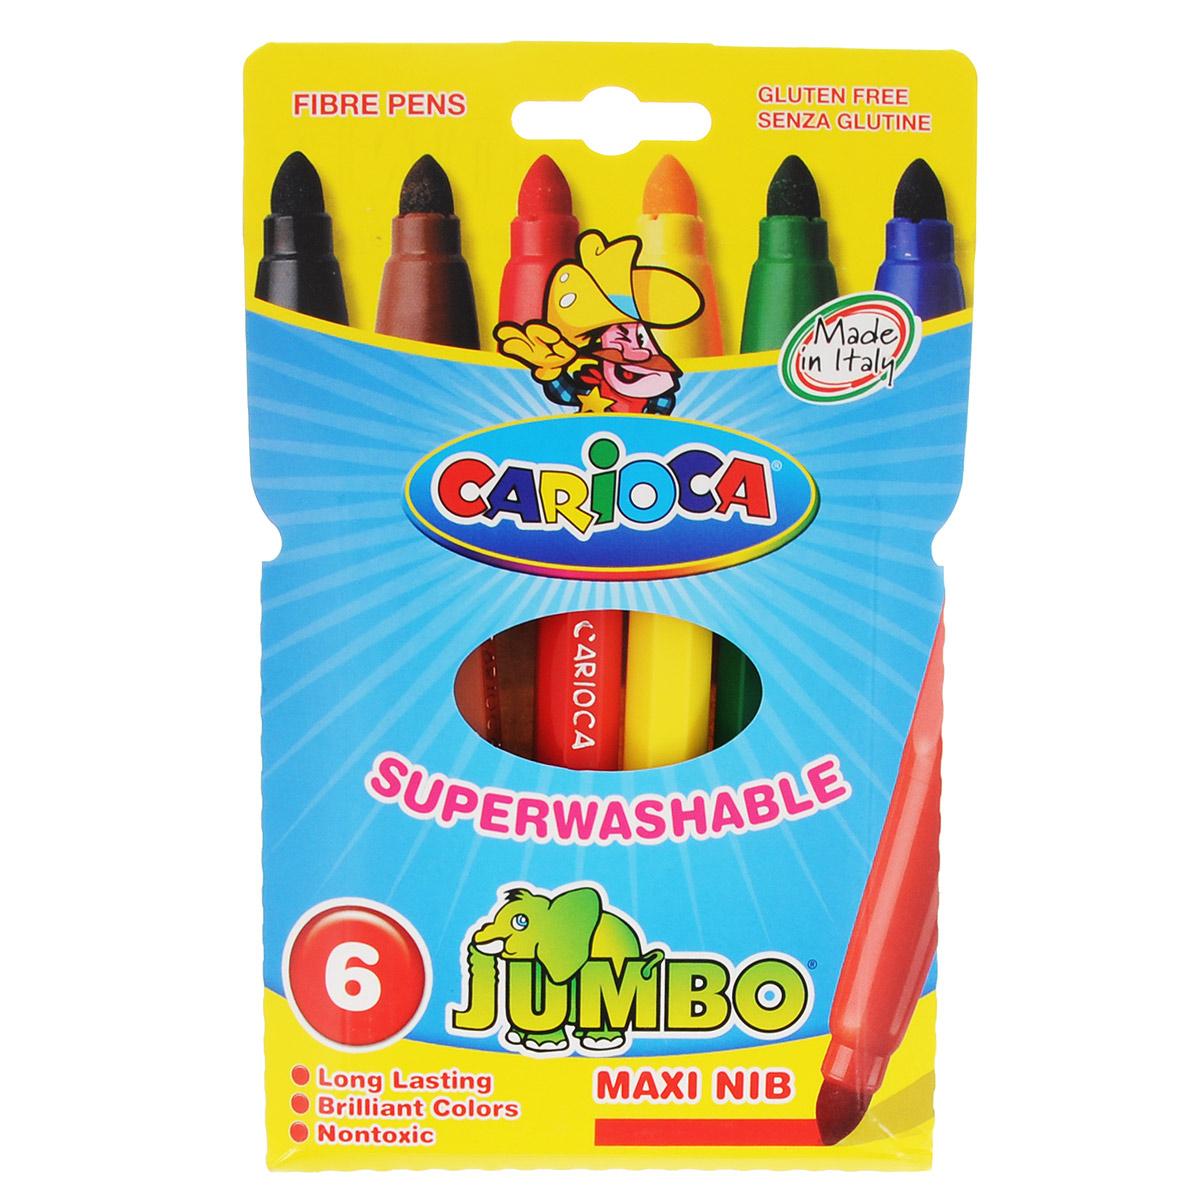 Universal Набор фломастеров Carioca Jumbo 6 цветов40568/06Набор фломастеров Universal Carioca Jumbo понравится вашего малышу!Даже самый маленький художник сможет создать свои первые шедевры с набором из 6 фломастеров Universal Carioca Jumbo. Фломастеры выполнены в увеличенном размере - MAXI. Благодаря такому корпусу, ребенку удобно держать фломастер в руке.В этих детских фломастерах используются специальные чернила на водной основе, которые прекрасно смываются с кожи и с большинства тканей. Чернила не токсичны и безопасны для ребенка. Уважаемые клиенты!Обращаем ваше внимание на возможные изменения в дизайне упаковки. Качественные характеристики товара остаются неизменными. Поставка осуществляется в зависимости от наличия на складе.